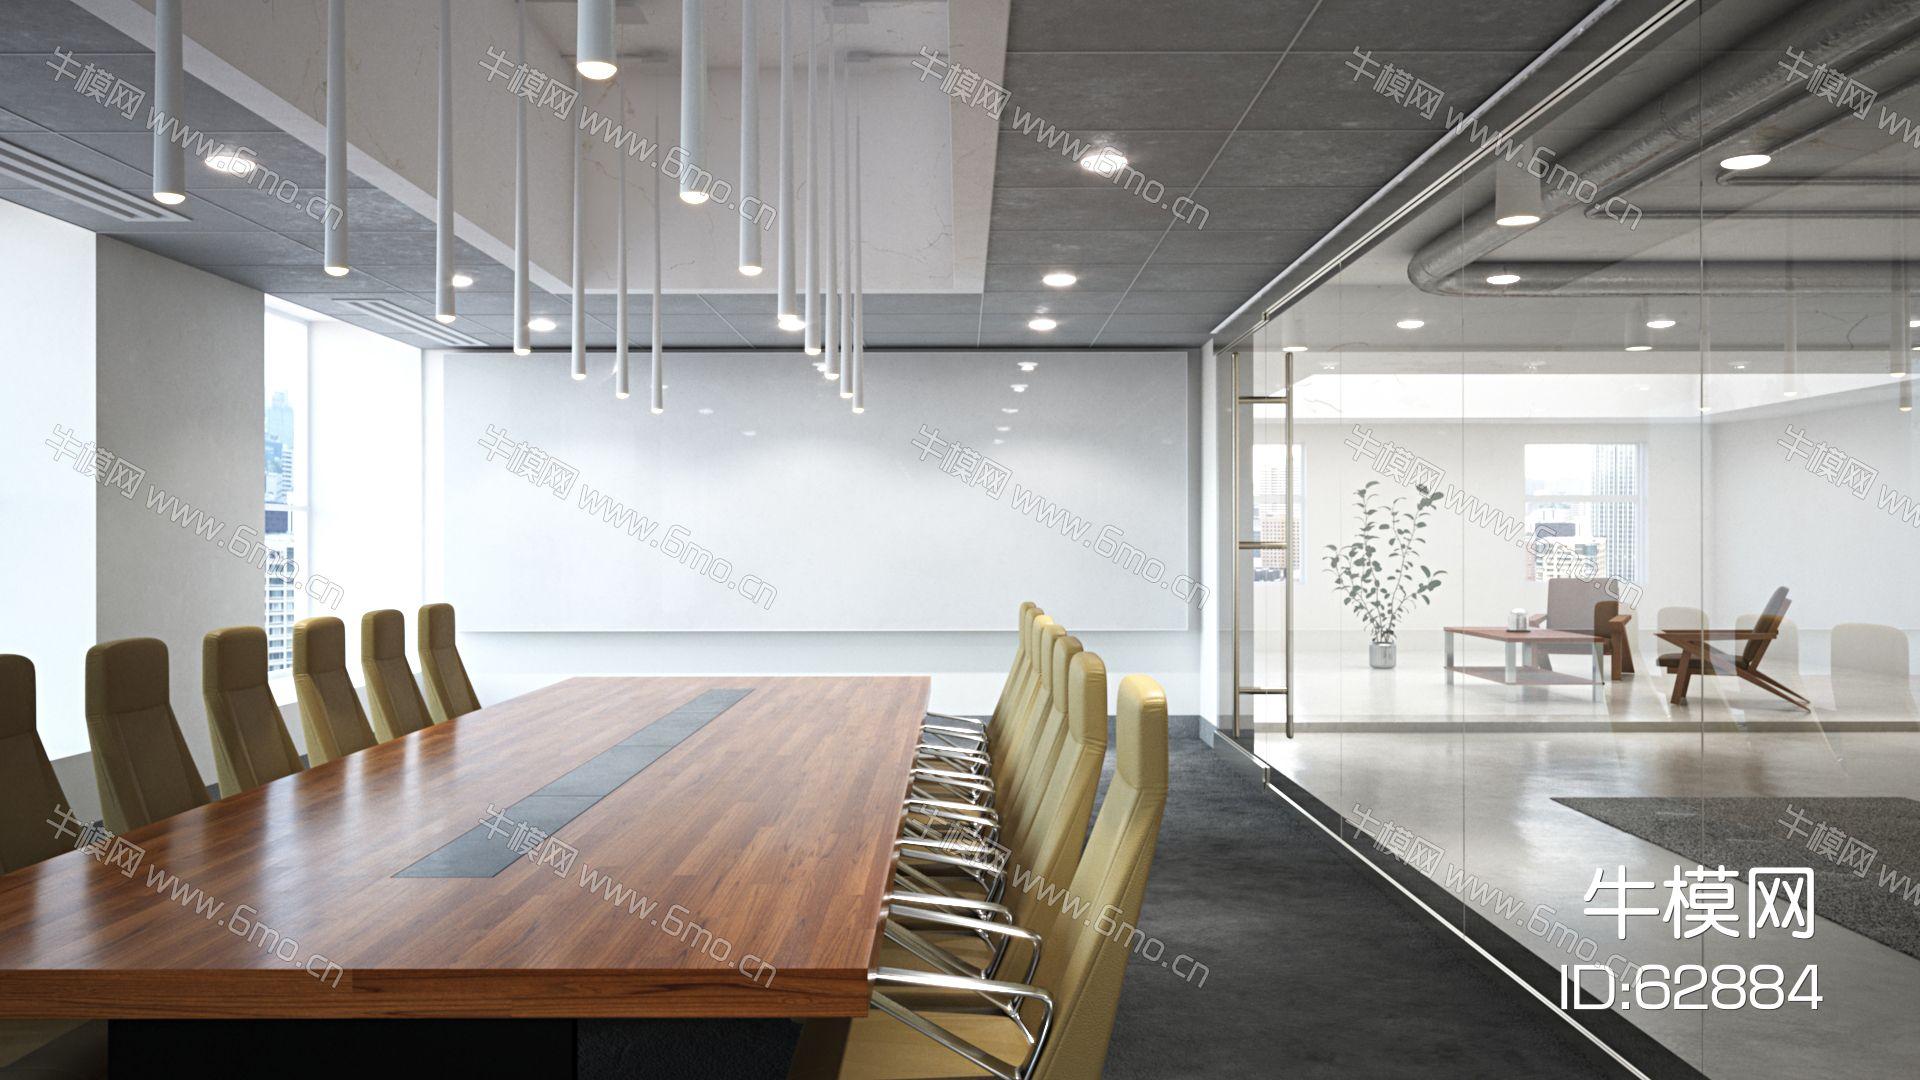 现代会议室,会议厅,会议桌椅,多功能厅,办公空间,办公室,演示厅